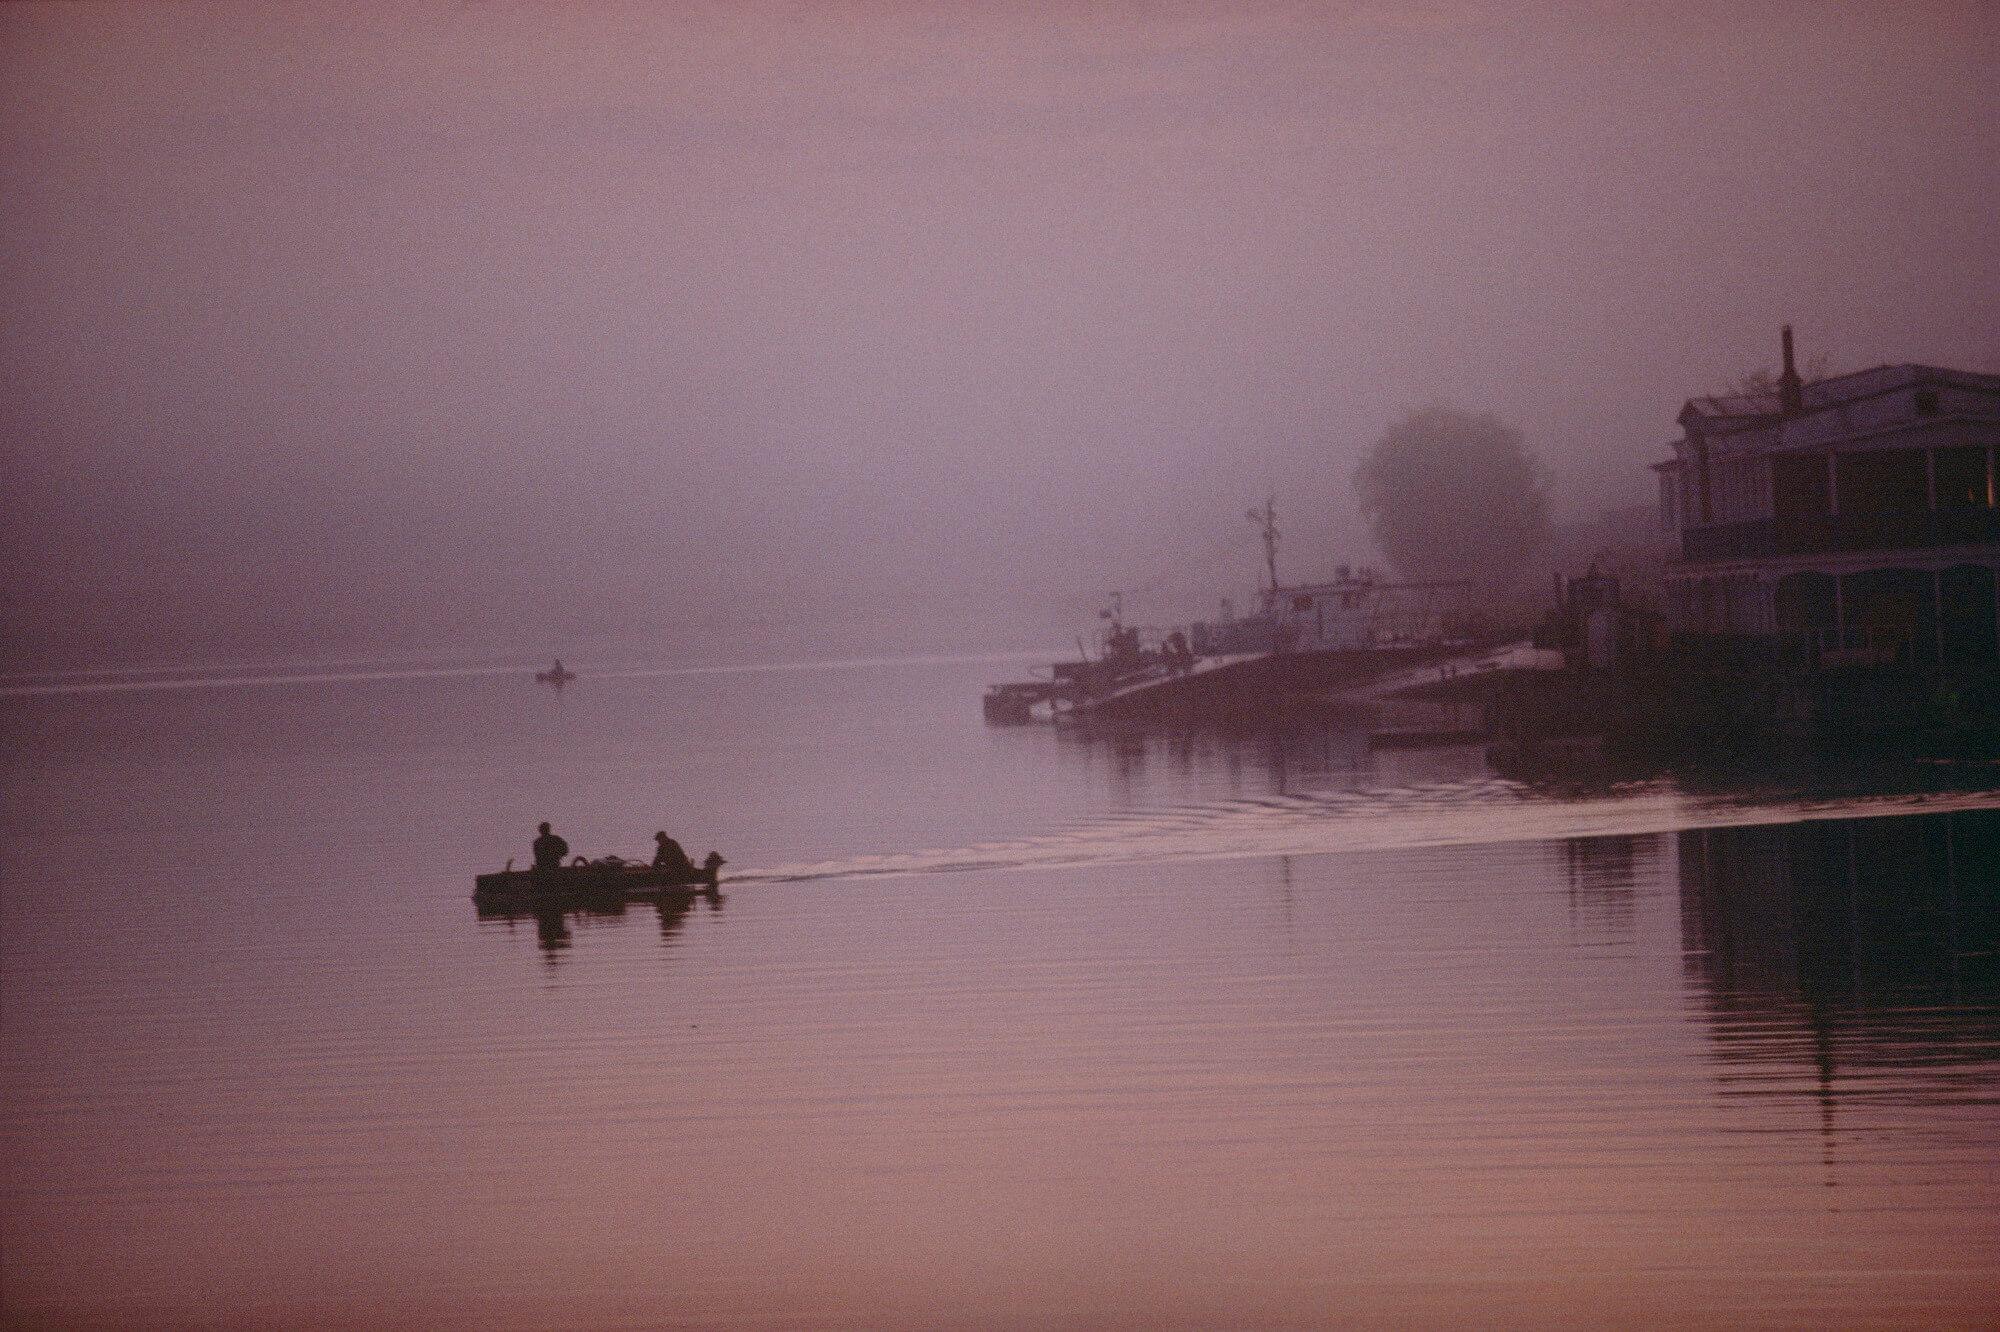 Russie, Astrakhan, Delta de la Volga. 1998. - © Reza